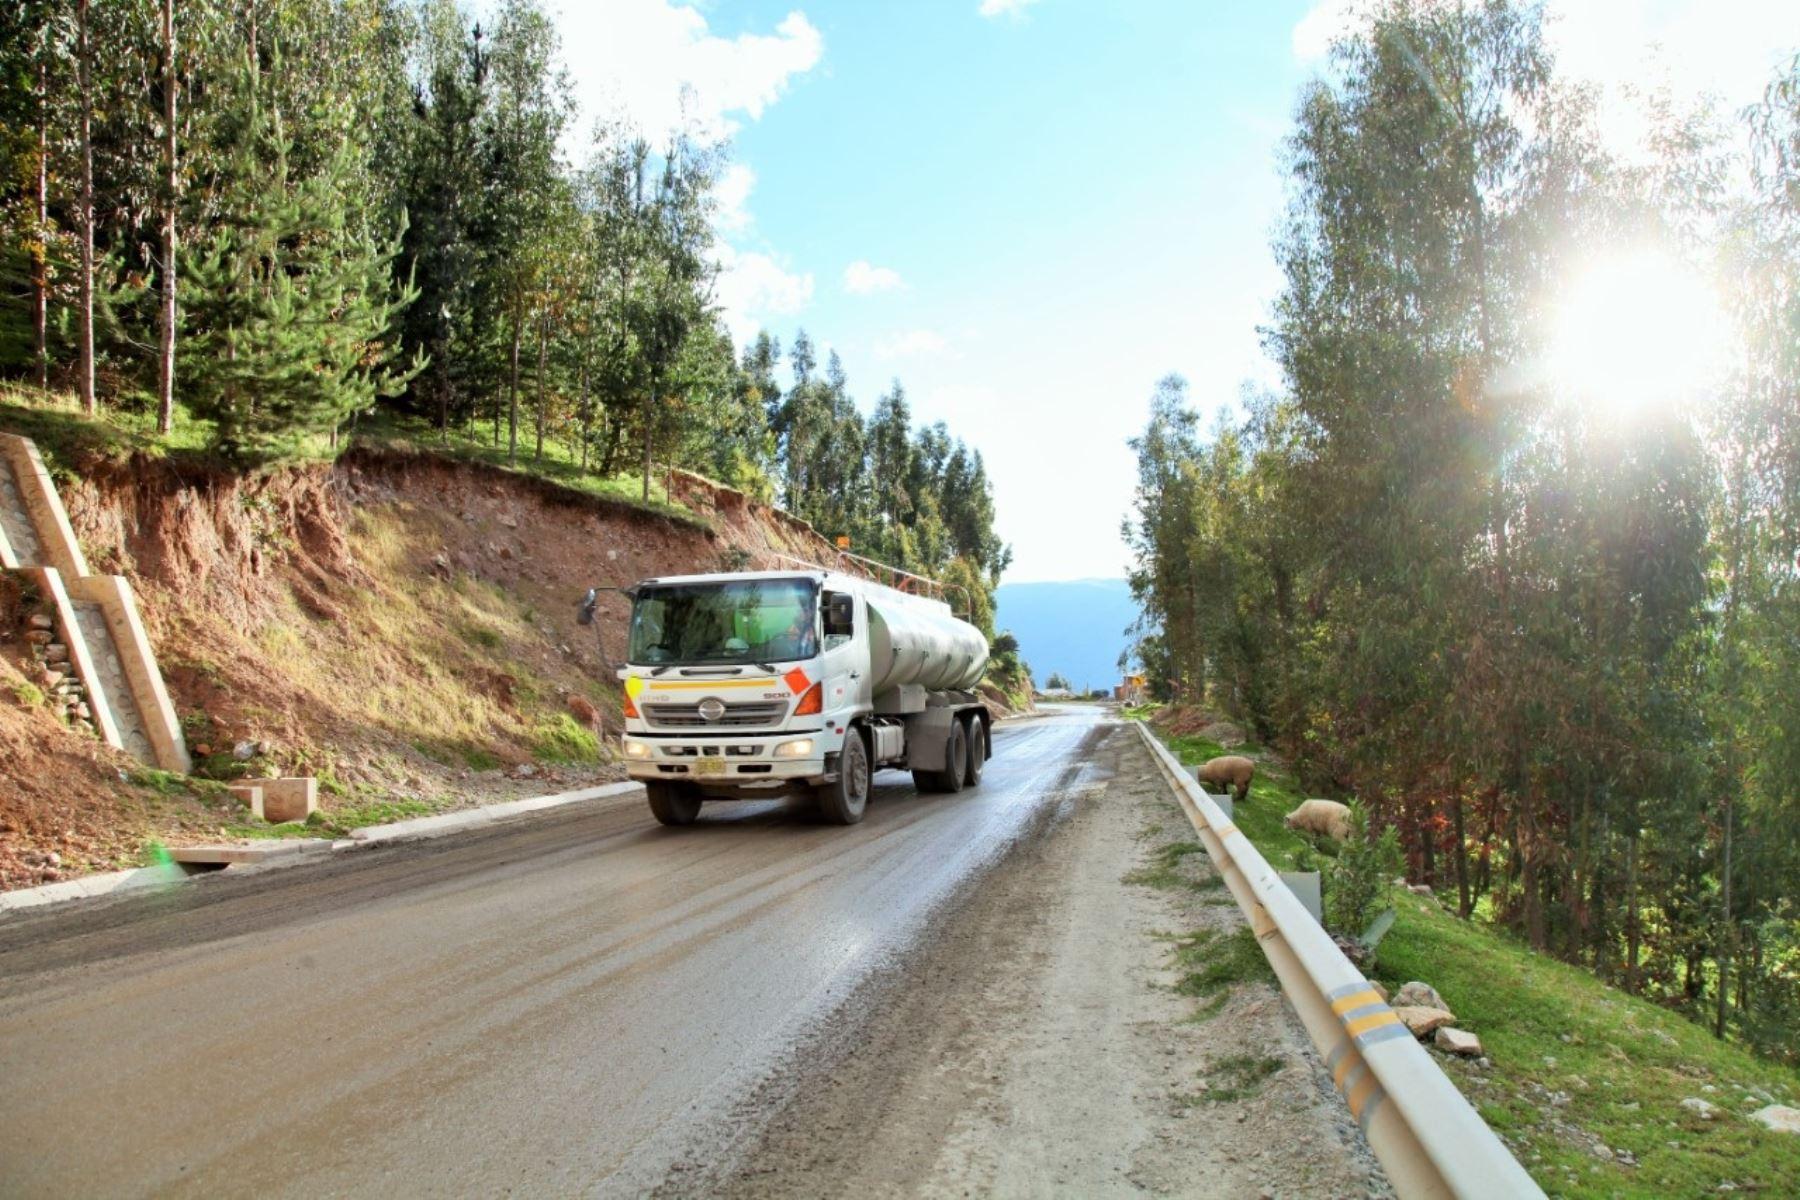 El bloqueo de carretera, que protagoniza un grupo de pobladores de Velille, afecta a los camiones que se dirigen a la mina Las Bambas. ANDINA/Difusión